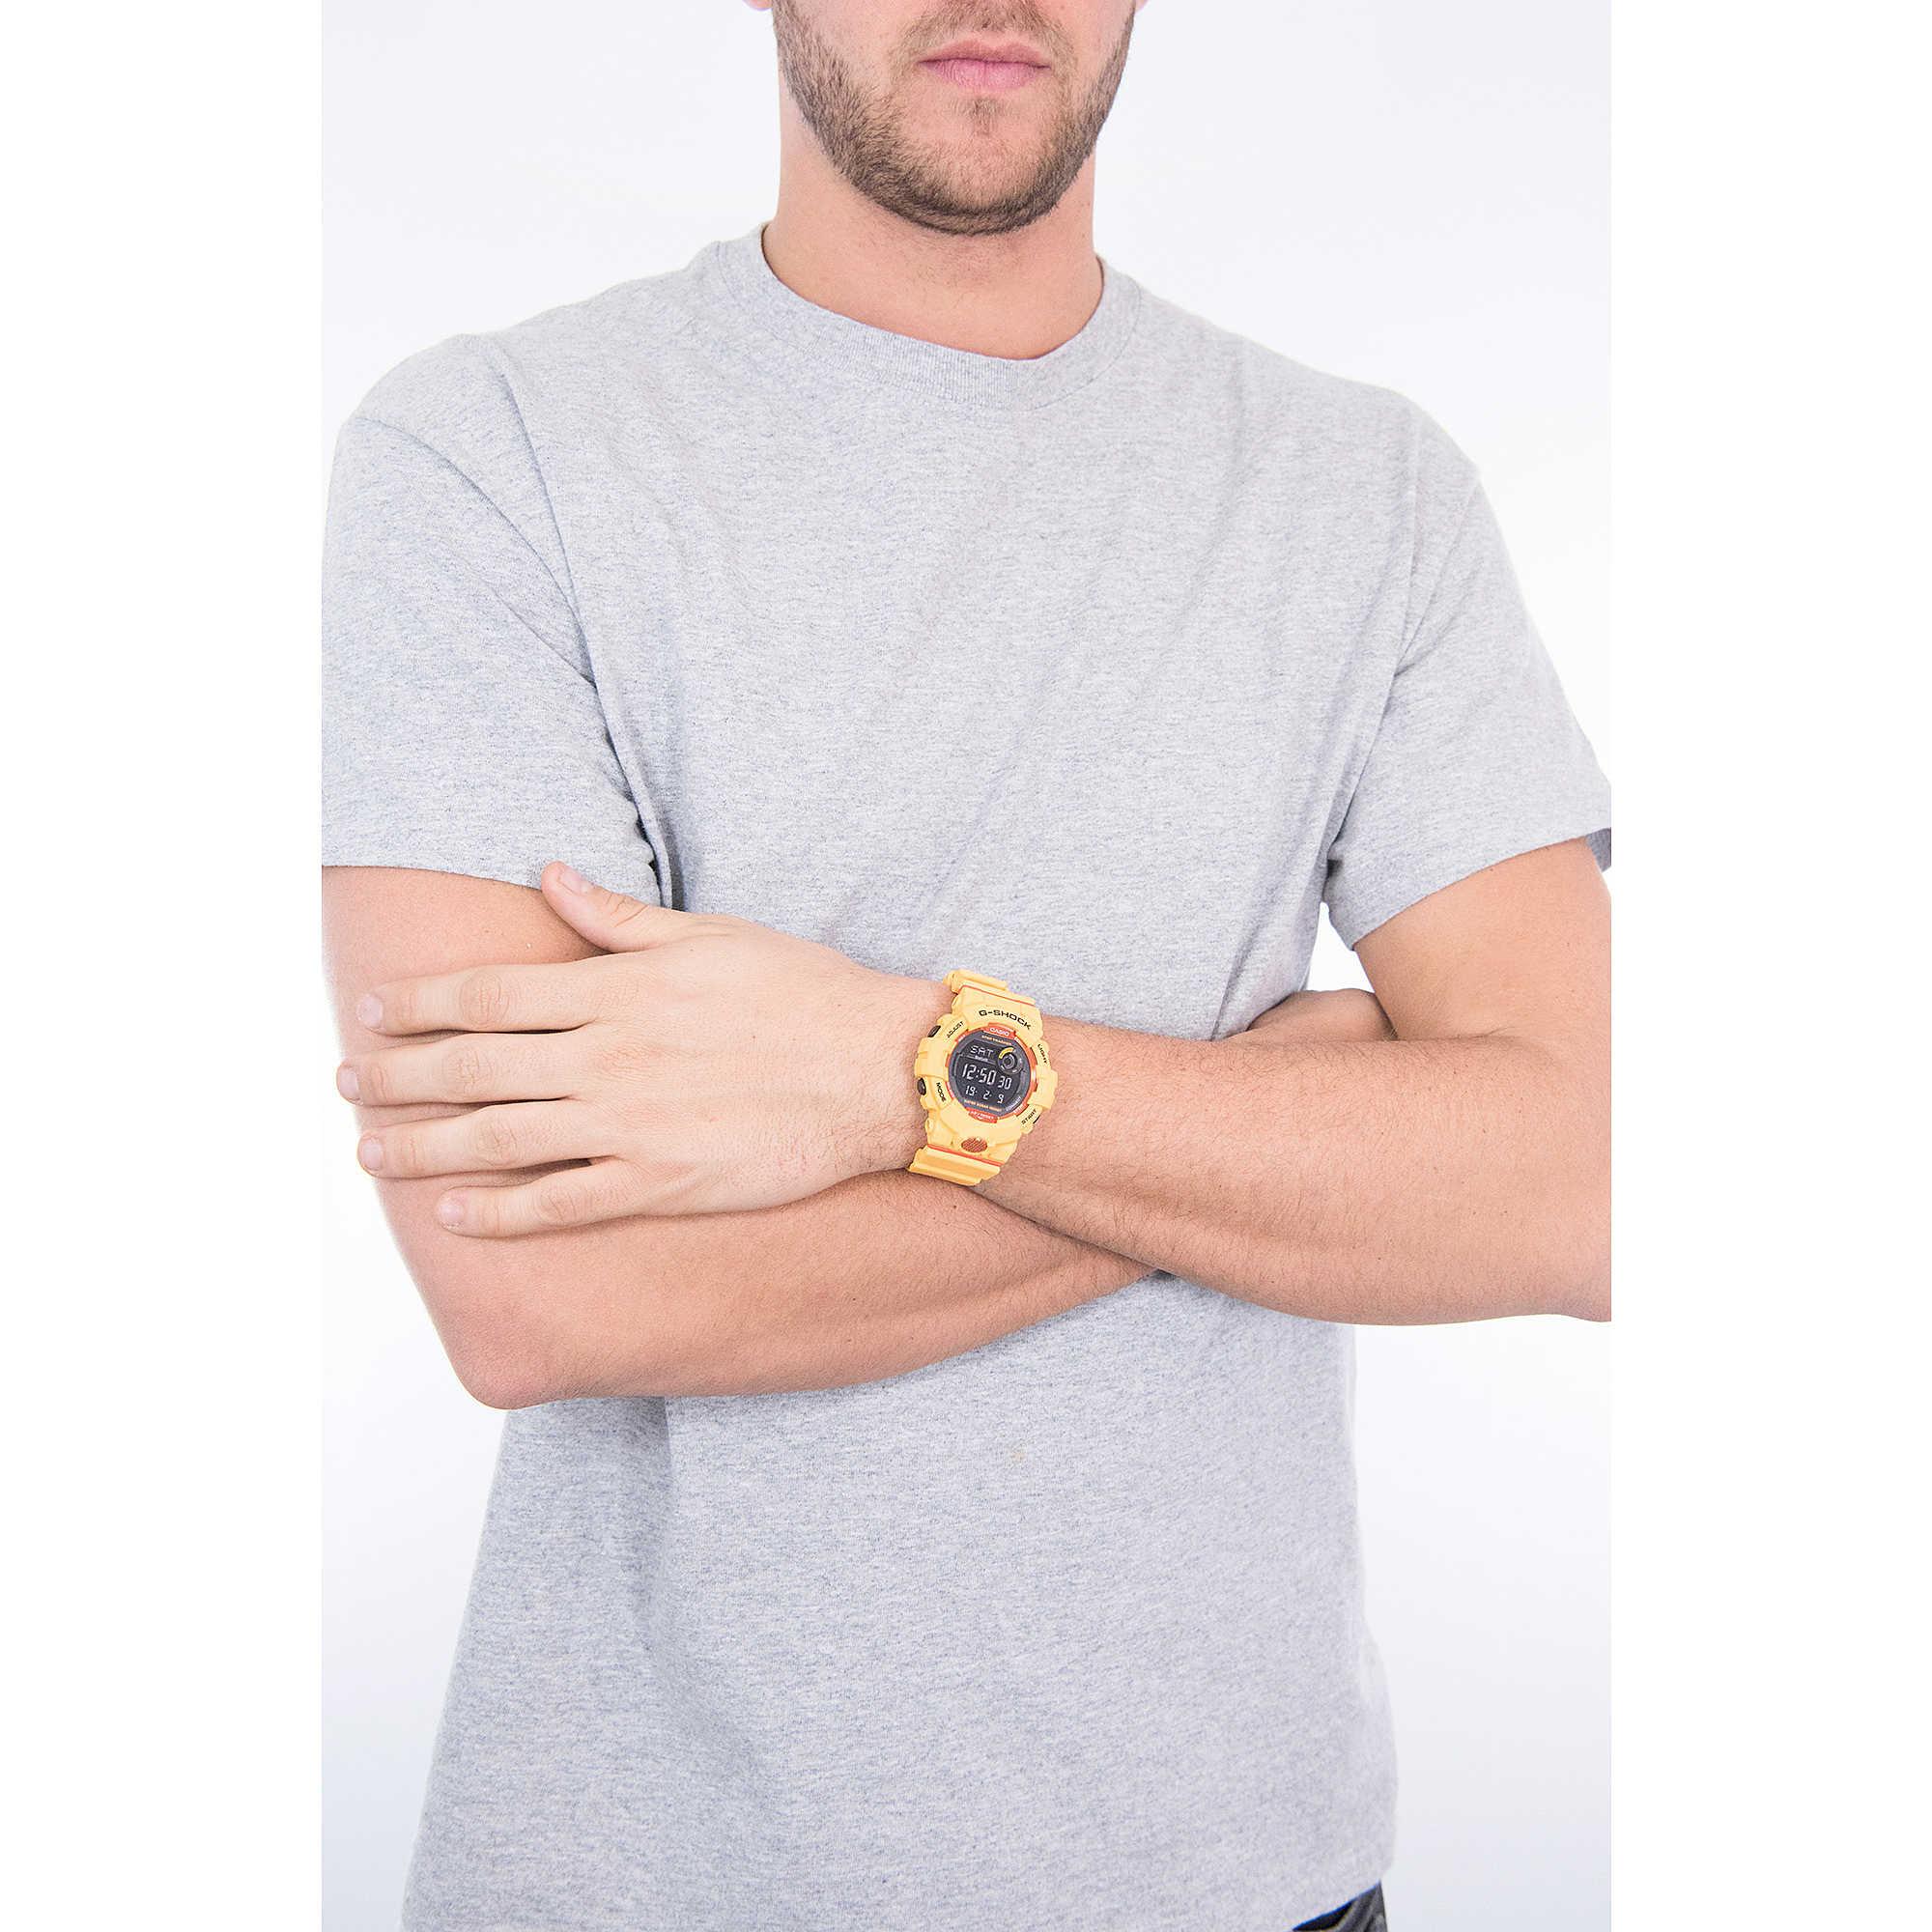 df0952b906728 watch digital man Casio G-Shock GBD-800-4ER digitals Casio